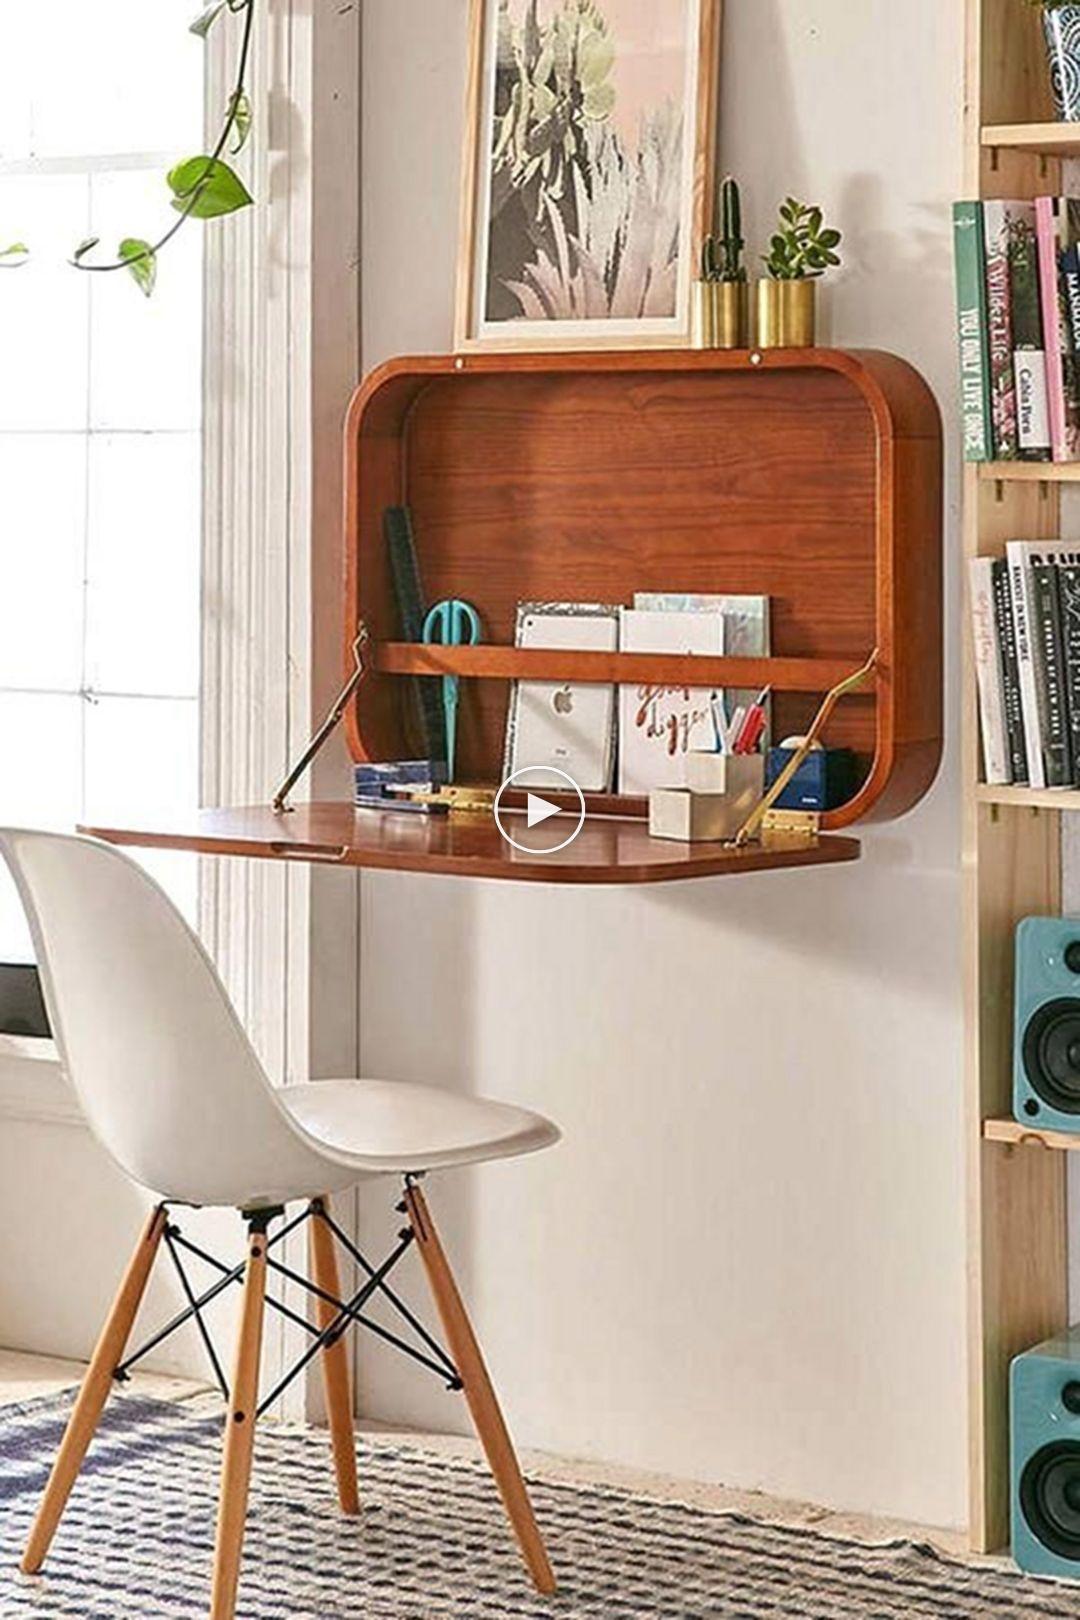 15 Fantastische Kleine Schlafzimmer Schreibtisch Designs Fur Kleine Schlafzimmer Ideen In 2020 Small Room Design Small Bedroom Desk Wall Decor Bedroom